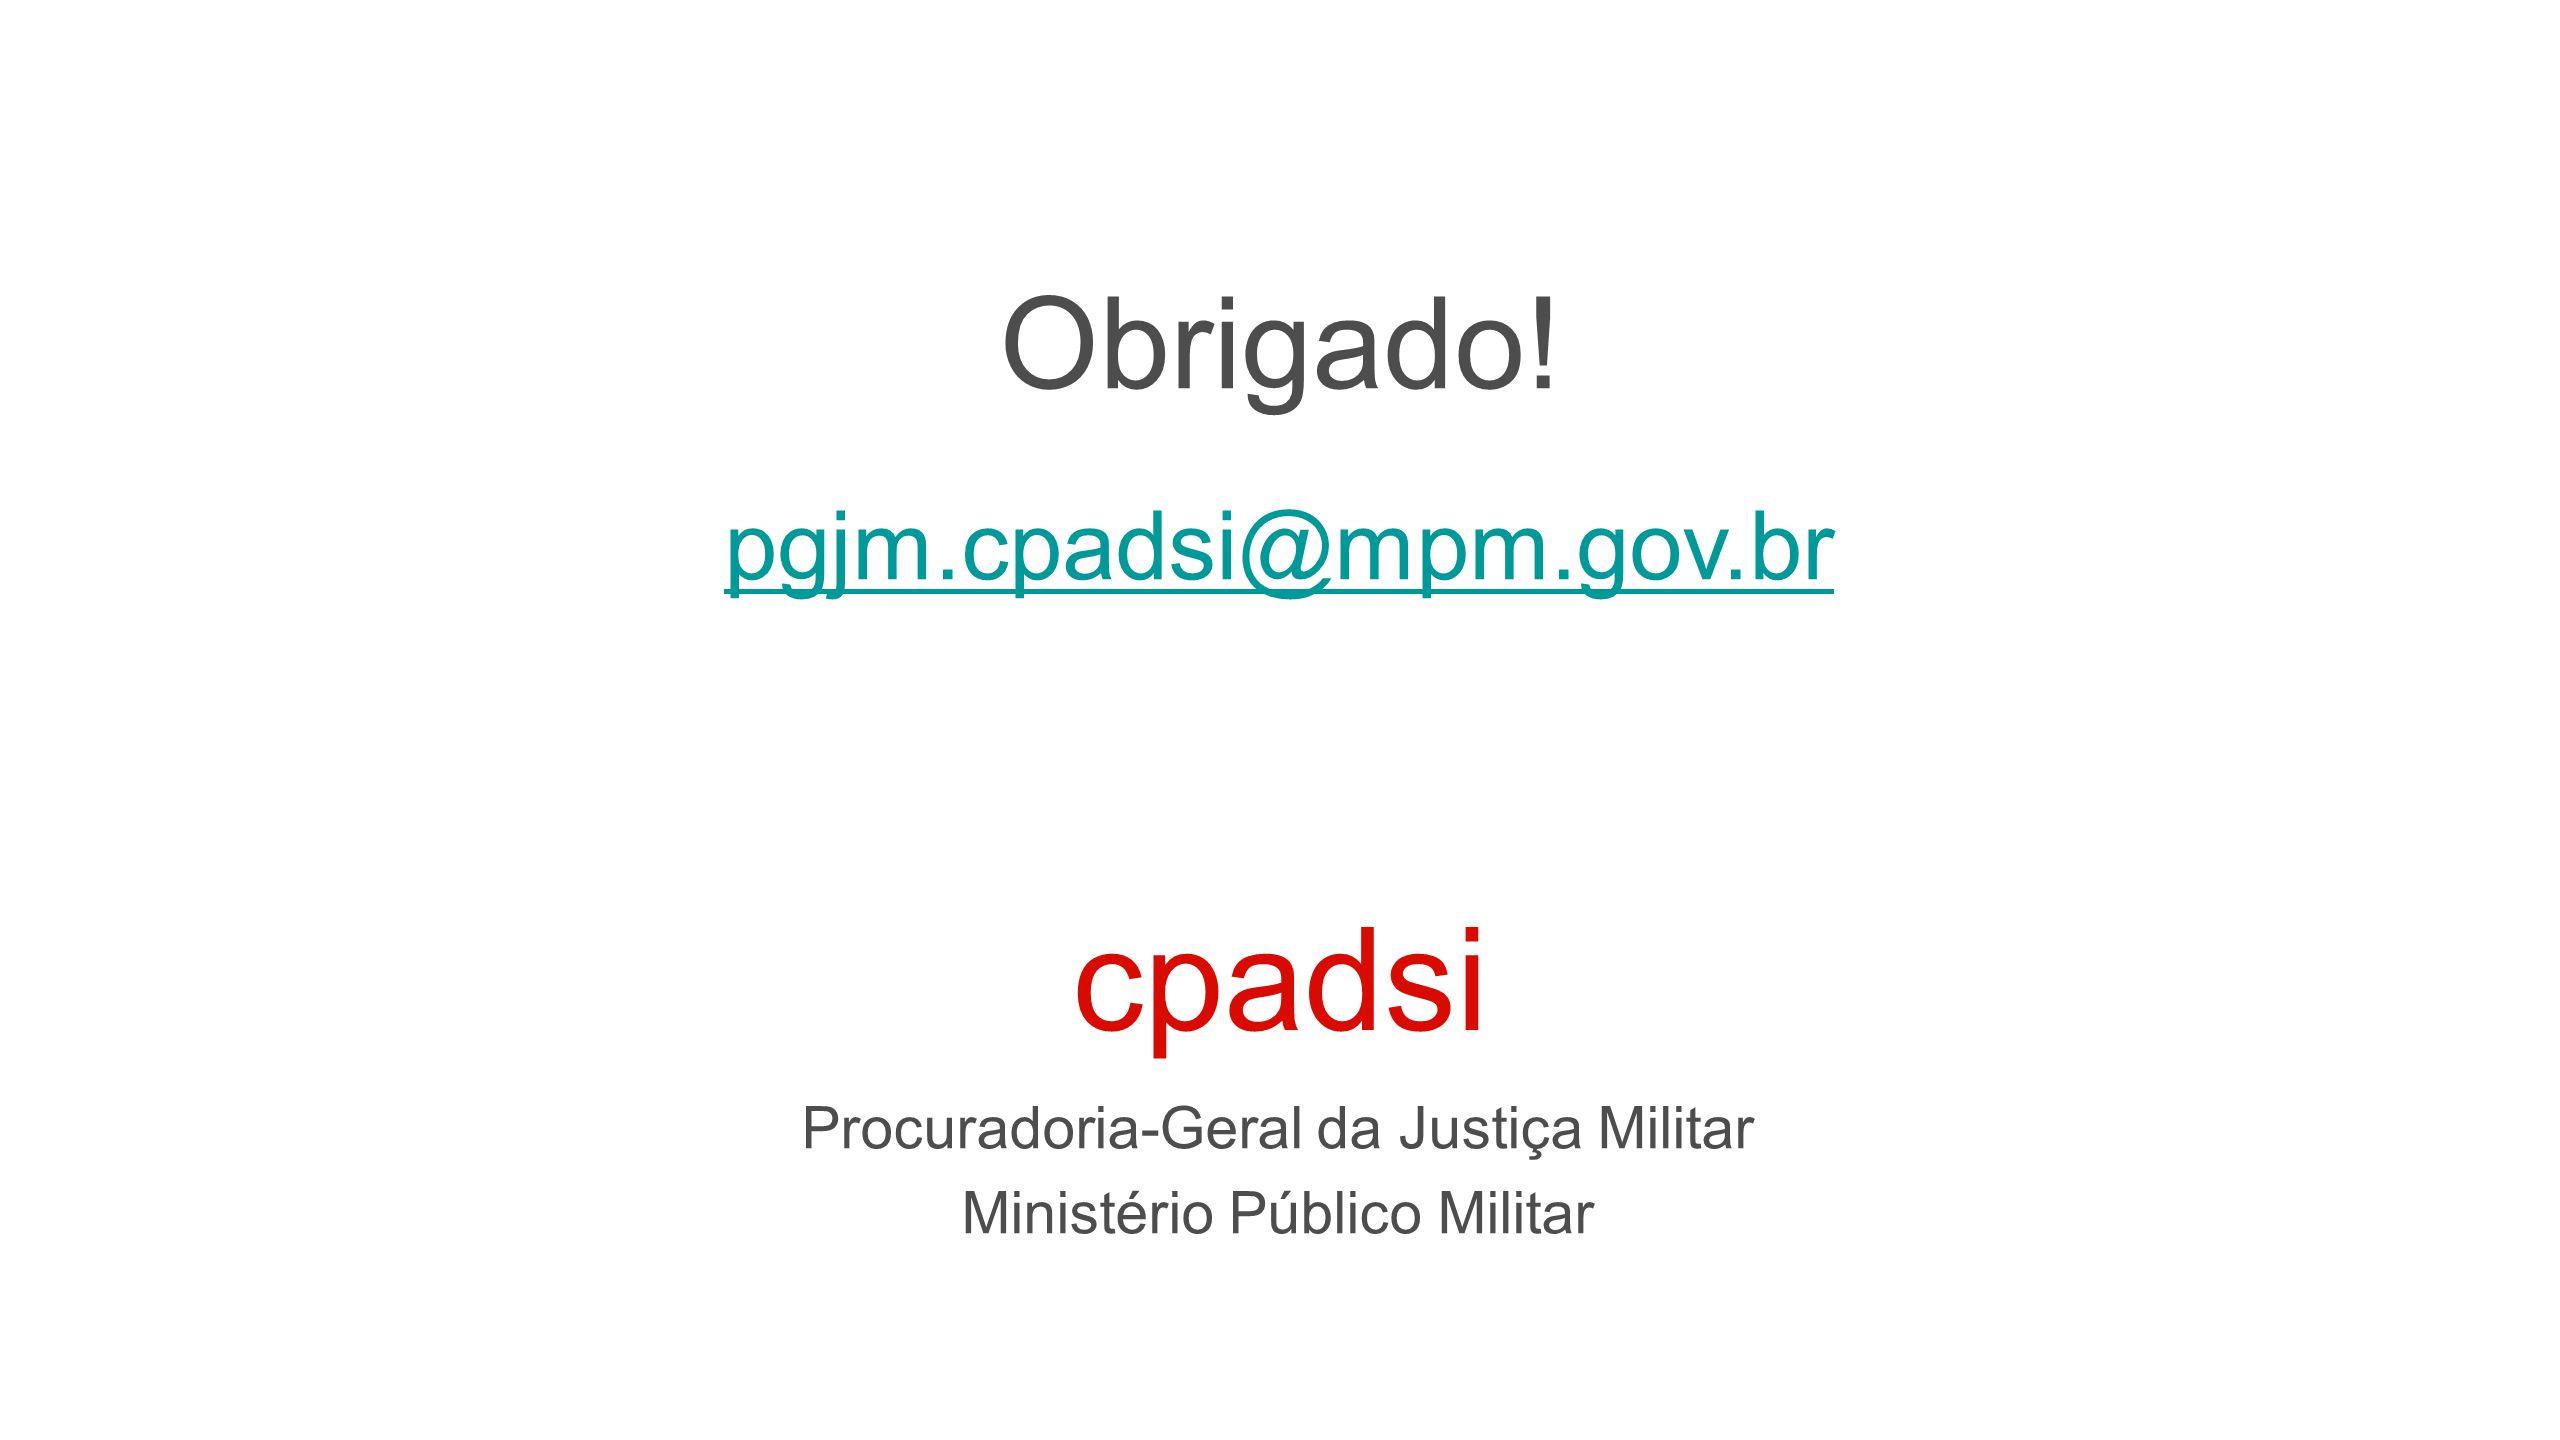 cpadsi Procuradoria-Geral da Justiça Militar Ministério Público Militar Obrigado! pgjm.cpadsi@mpm.gov.br